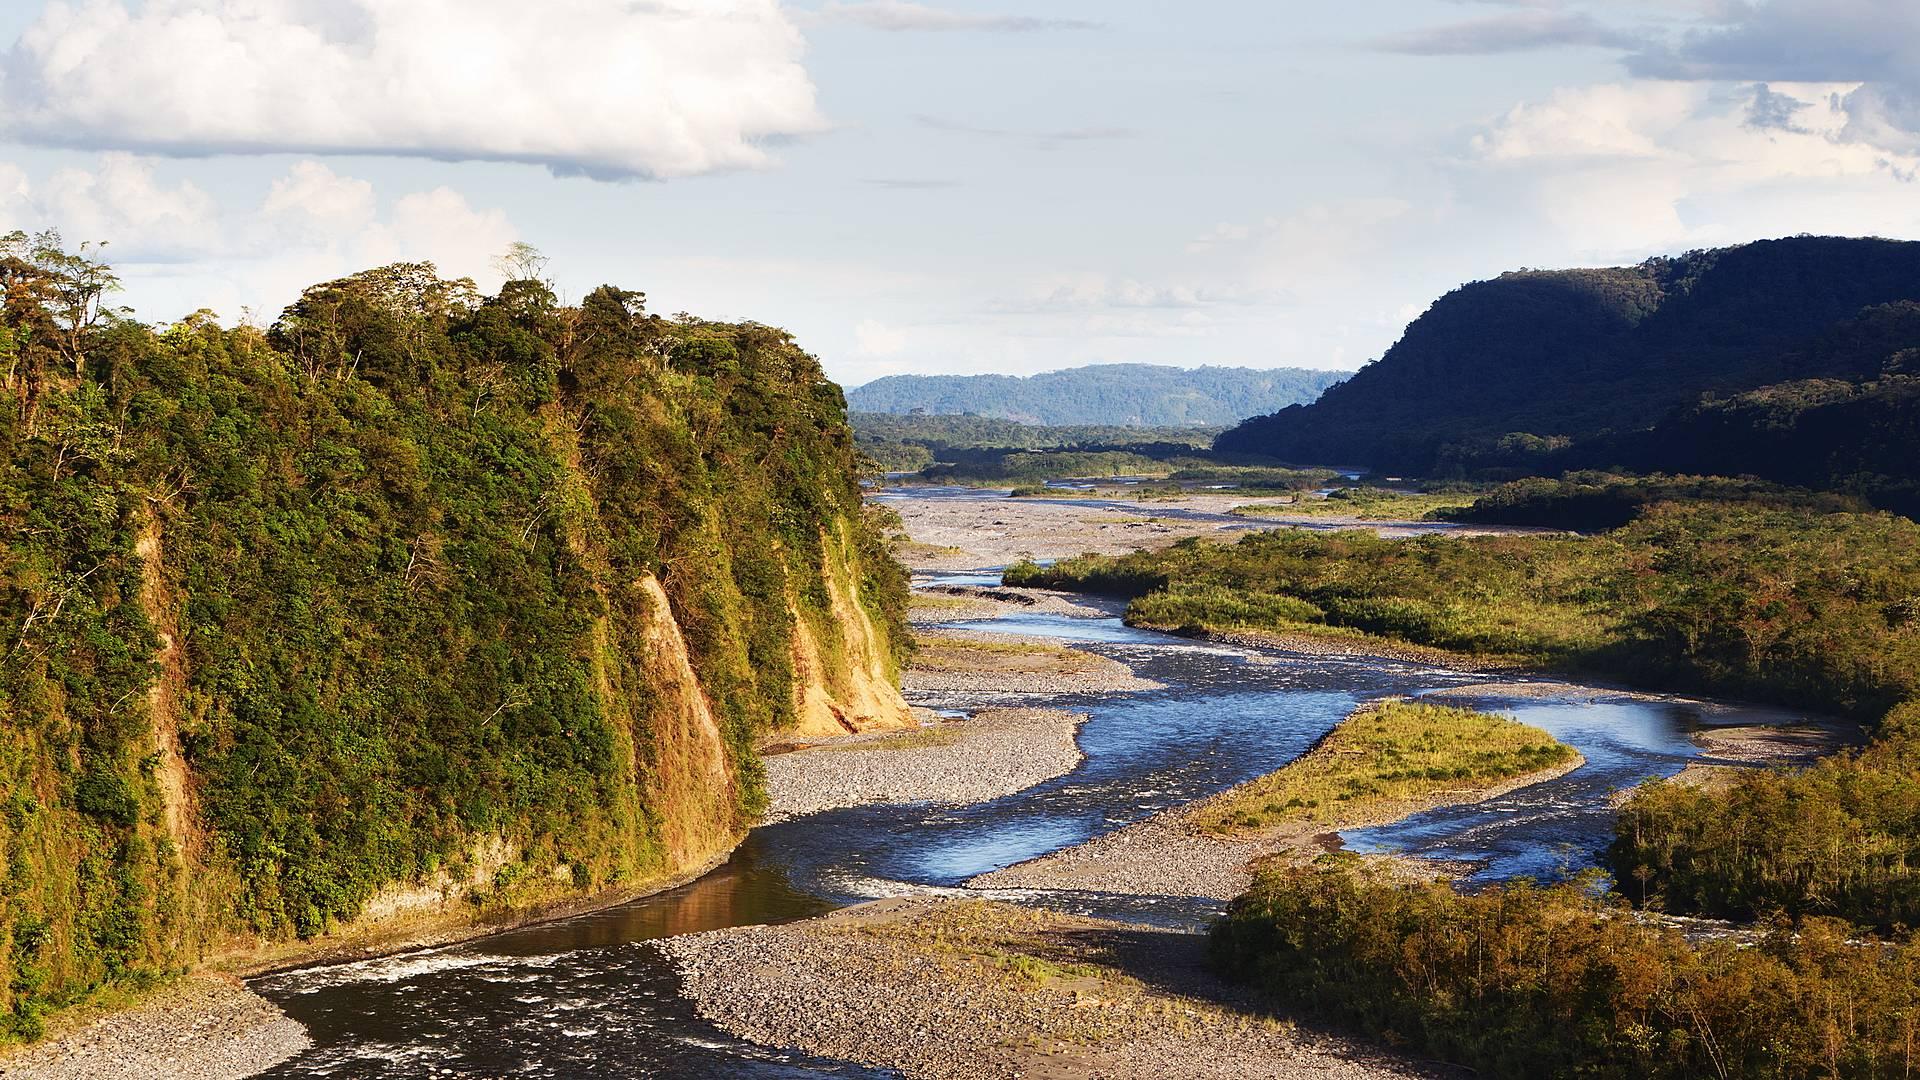 Voyage naturaliste complet: Cordillère, Rivière Napo et Parc National Yasuni